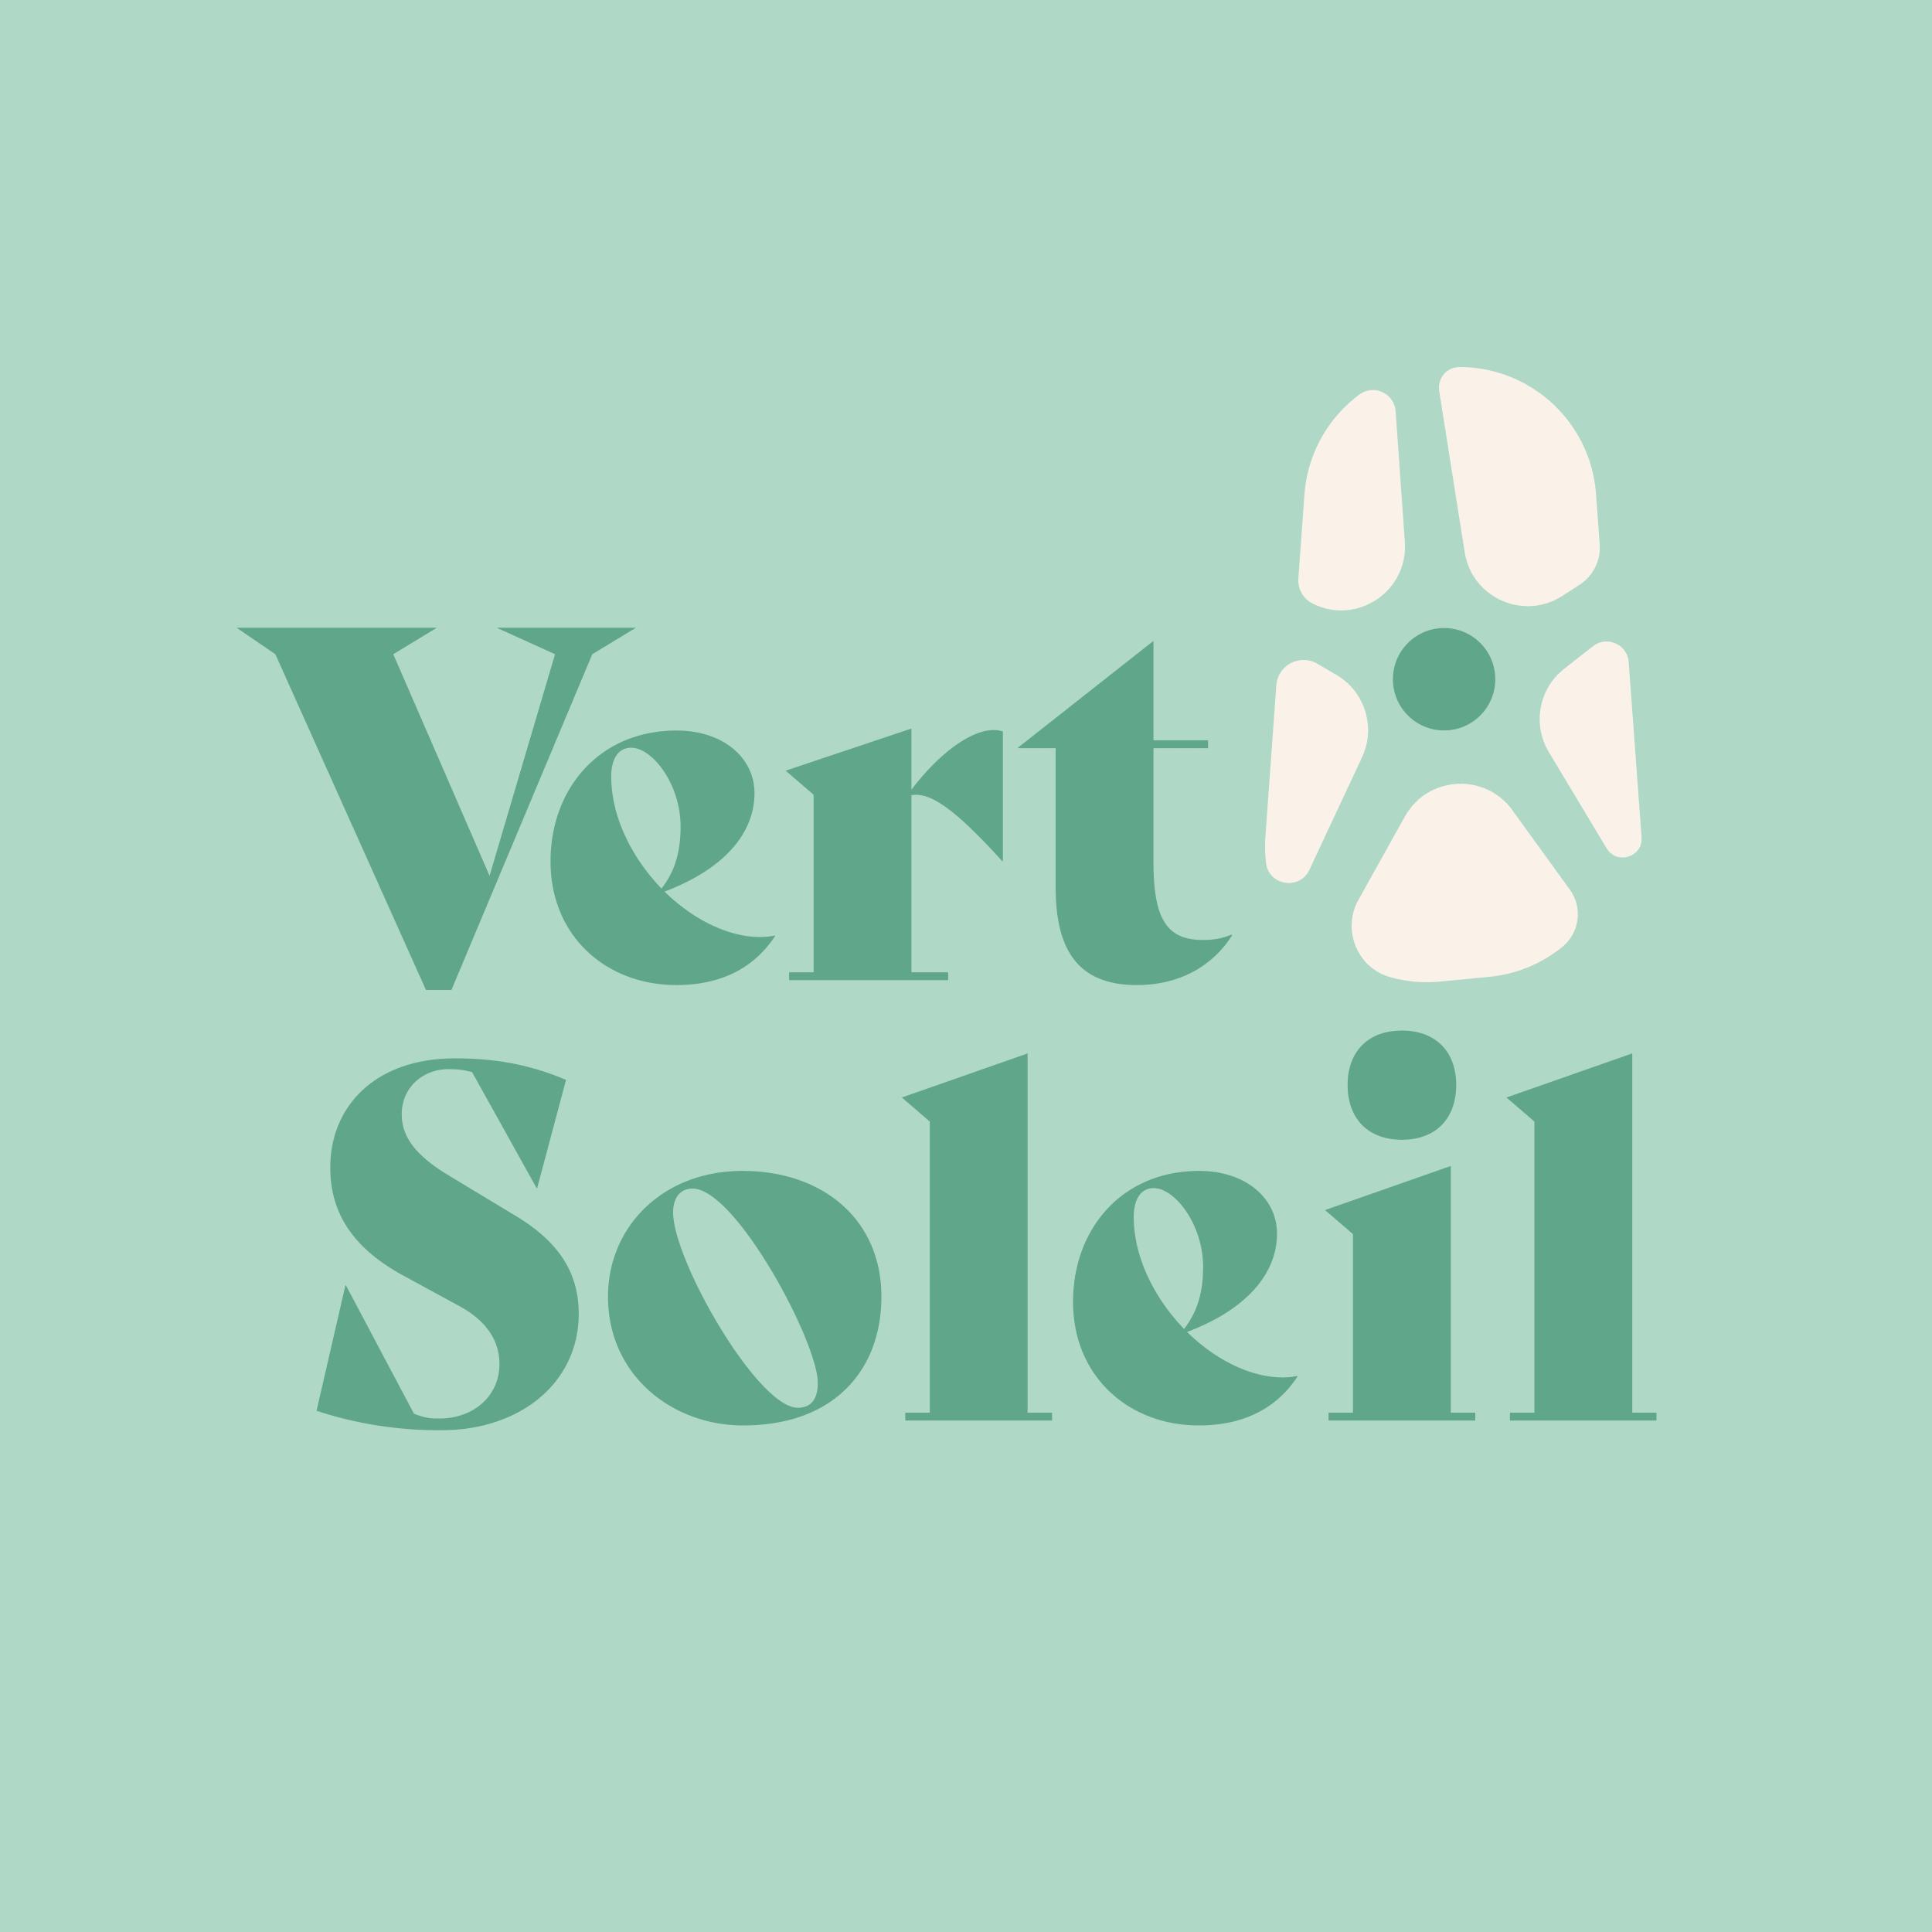 VertSoleil_002